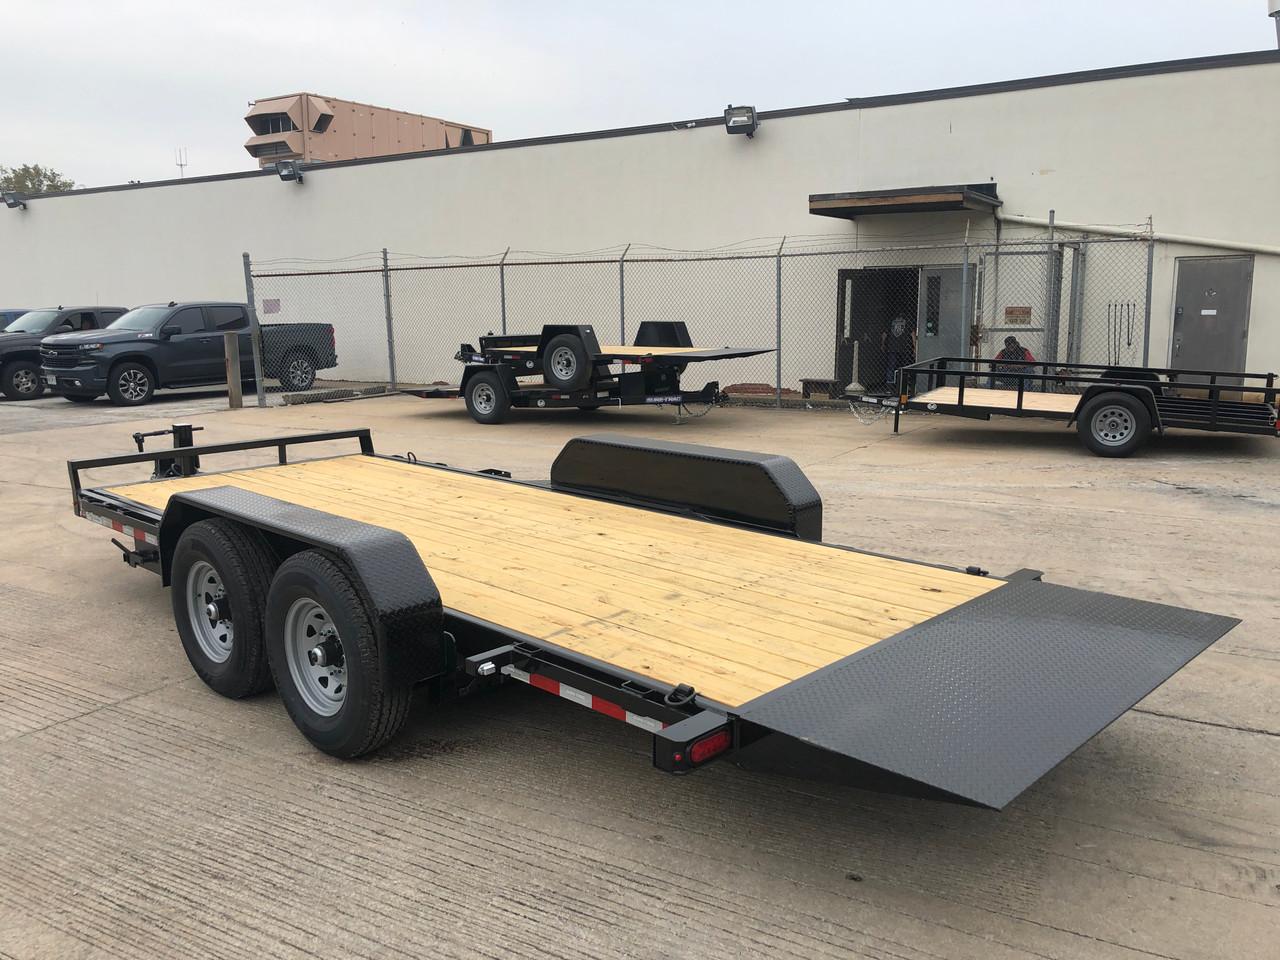 STET8218TA5 --- 2022 Sure-Trac 82x18' Equipment Tilt Trailer - 14k #ST7340